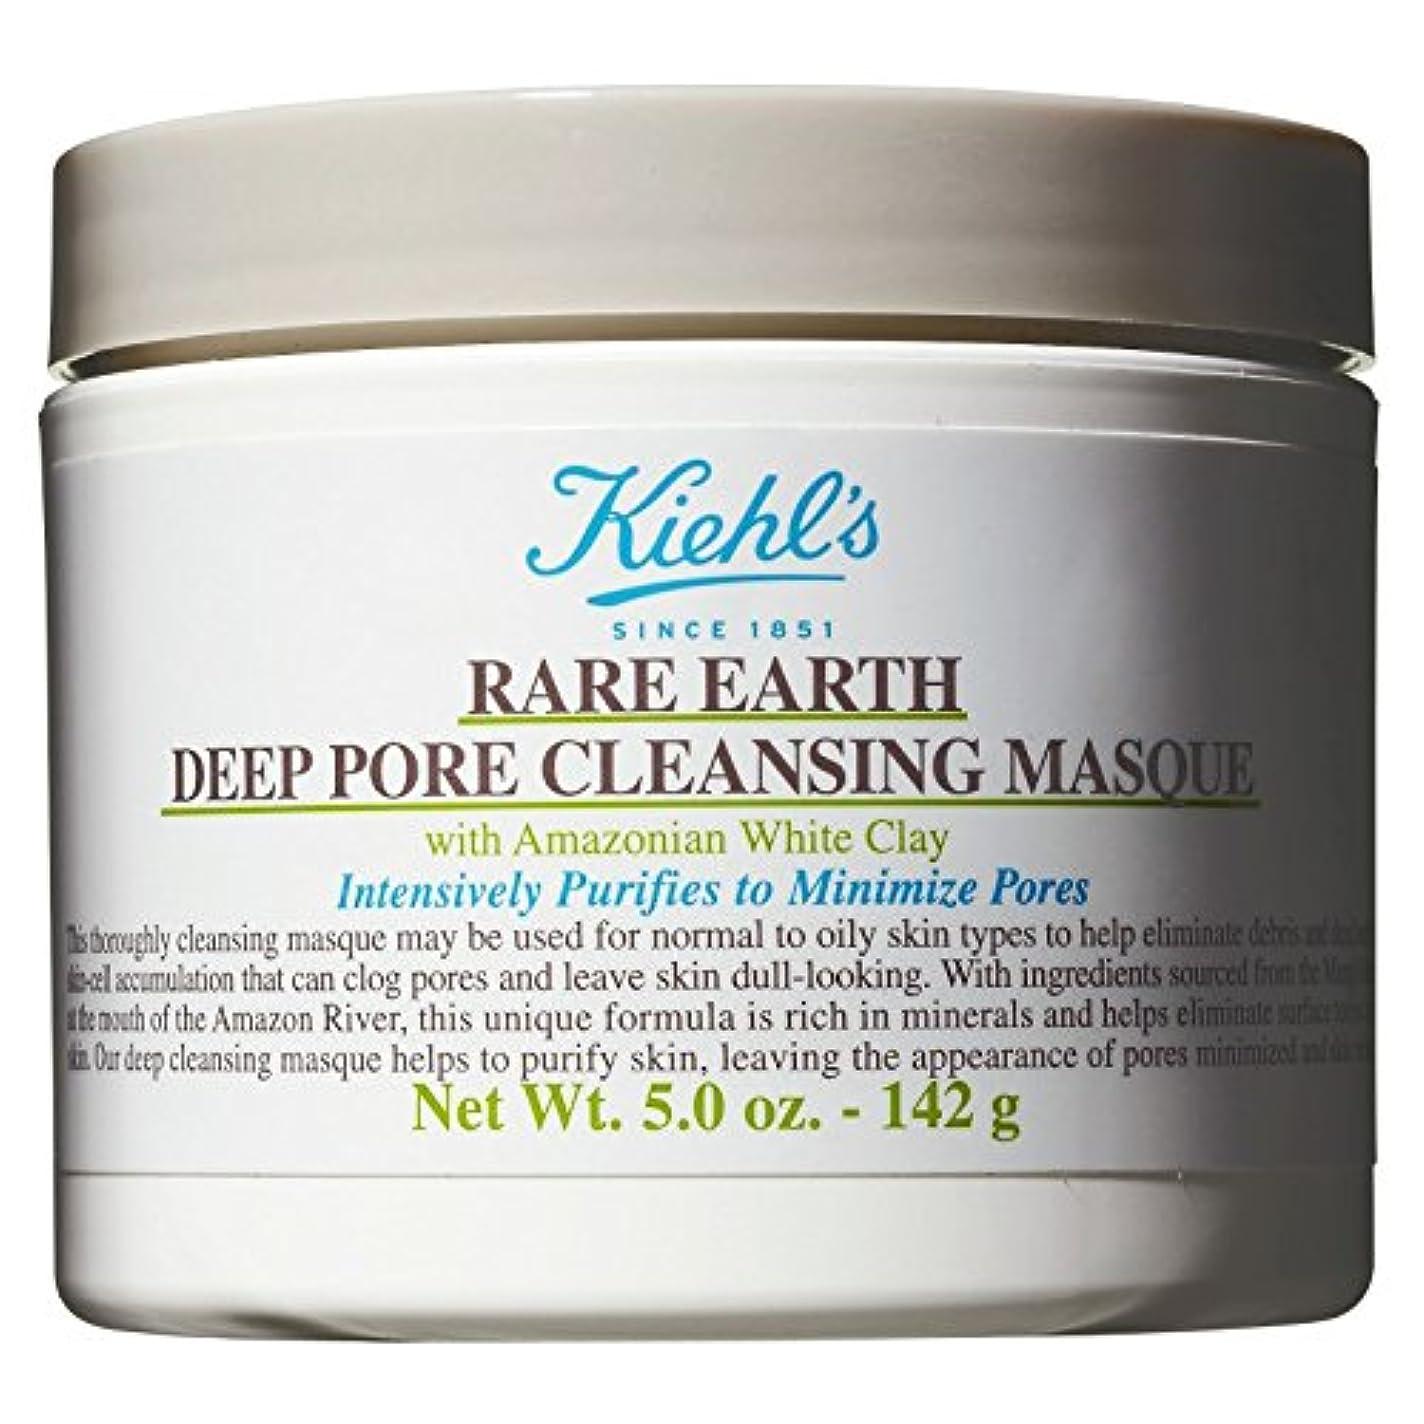 鉄道走る貢献[Kiehl's] キールズ希土類ポアクレンジング仮面の125ミリリットル - Kiehl's Rare Earth Pore Cleansing Masque 125ml [並行輸入品]